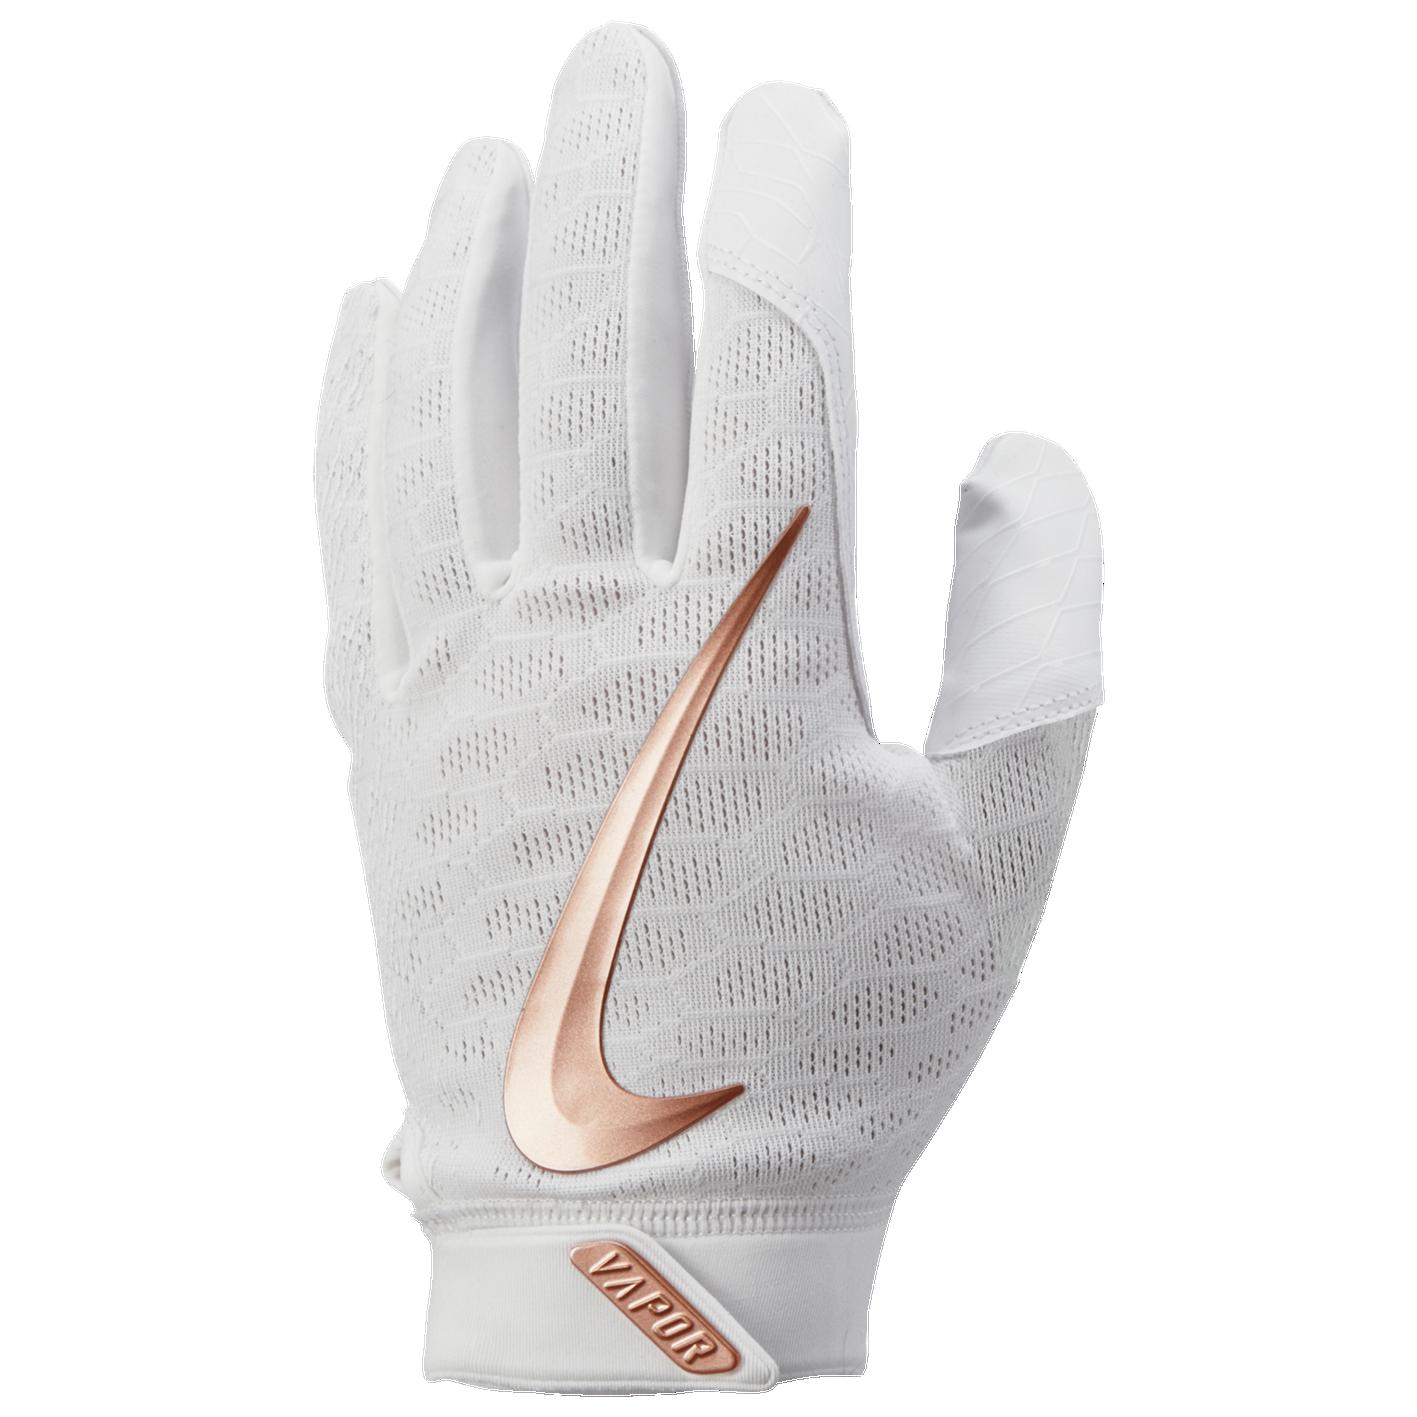 Nike Vapor Elite 2 0 Batting Glove Men S Baseball Sport 1d6bd893361e4